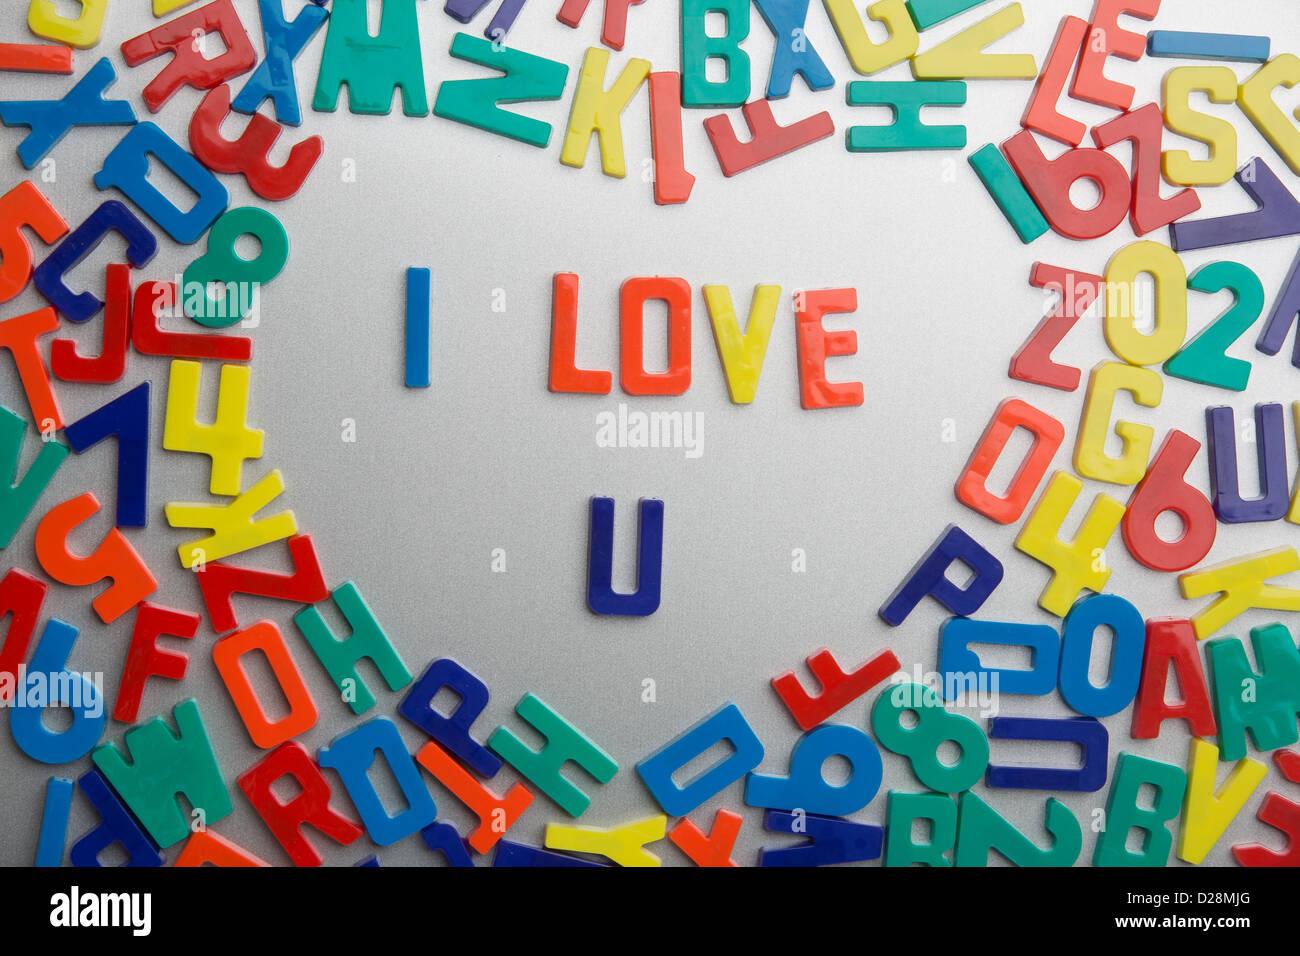 """""""I Love U' - Imanes mensajes hechizos de un revoltijo de letras Imagen De Stock"""